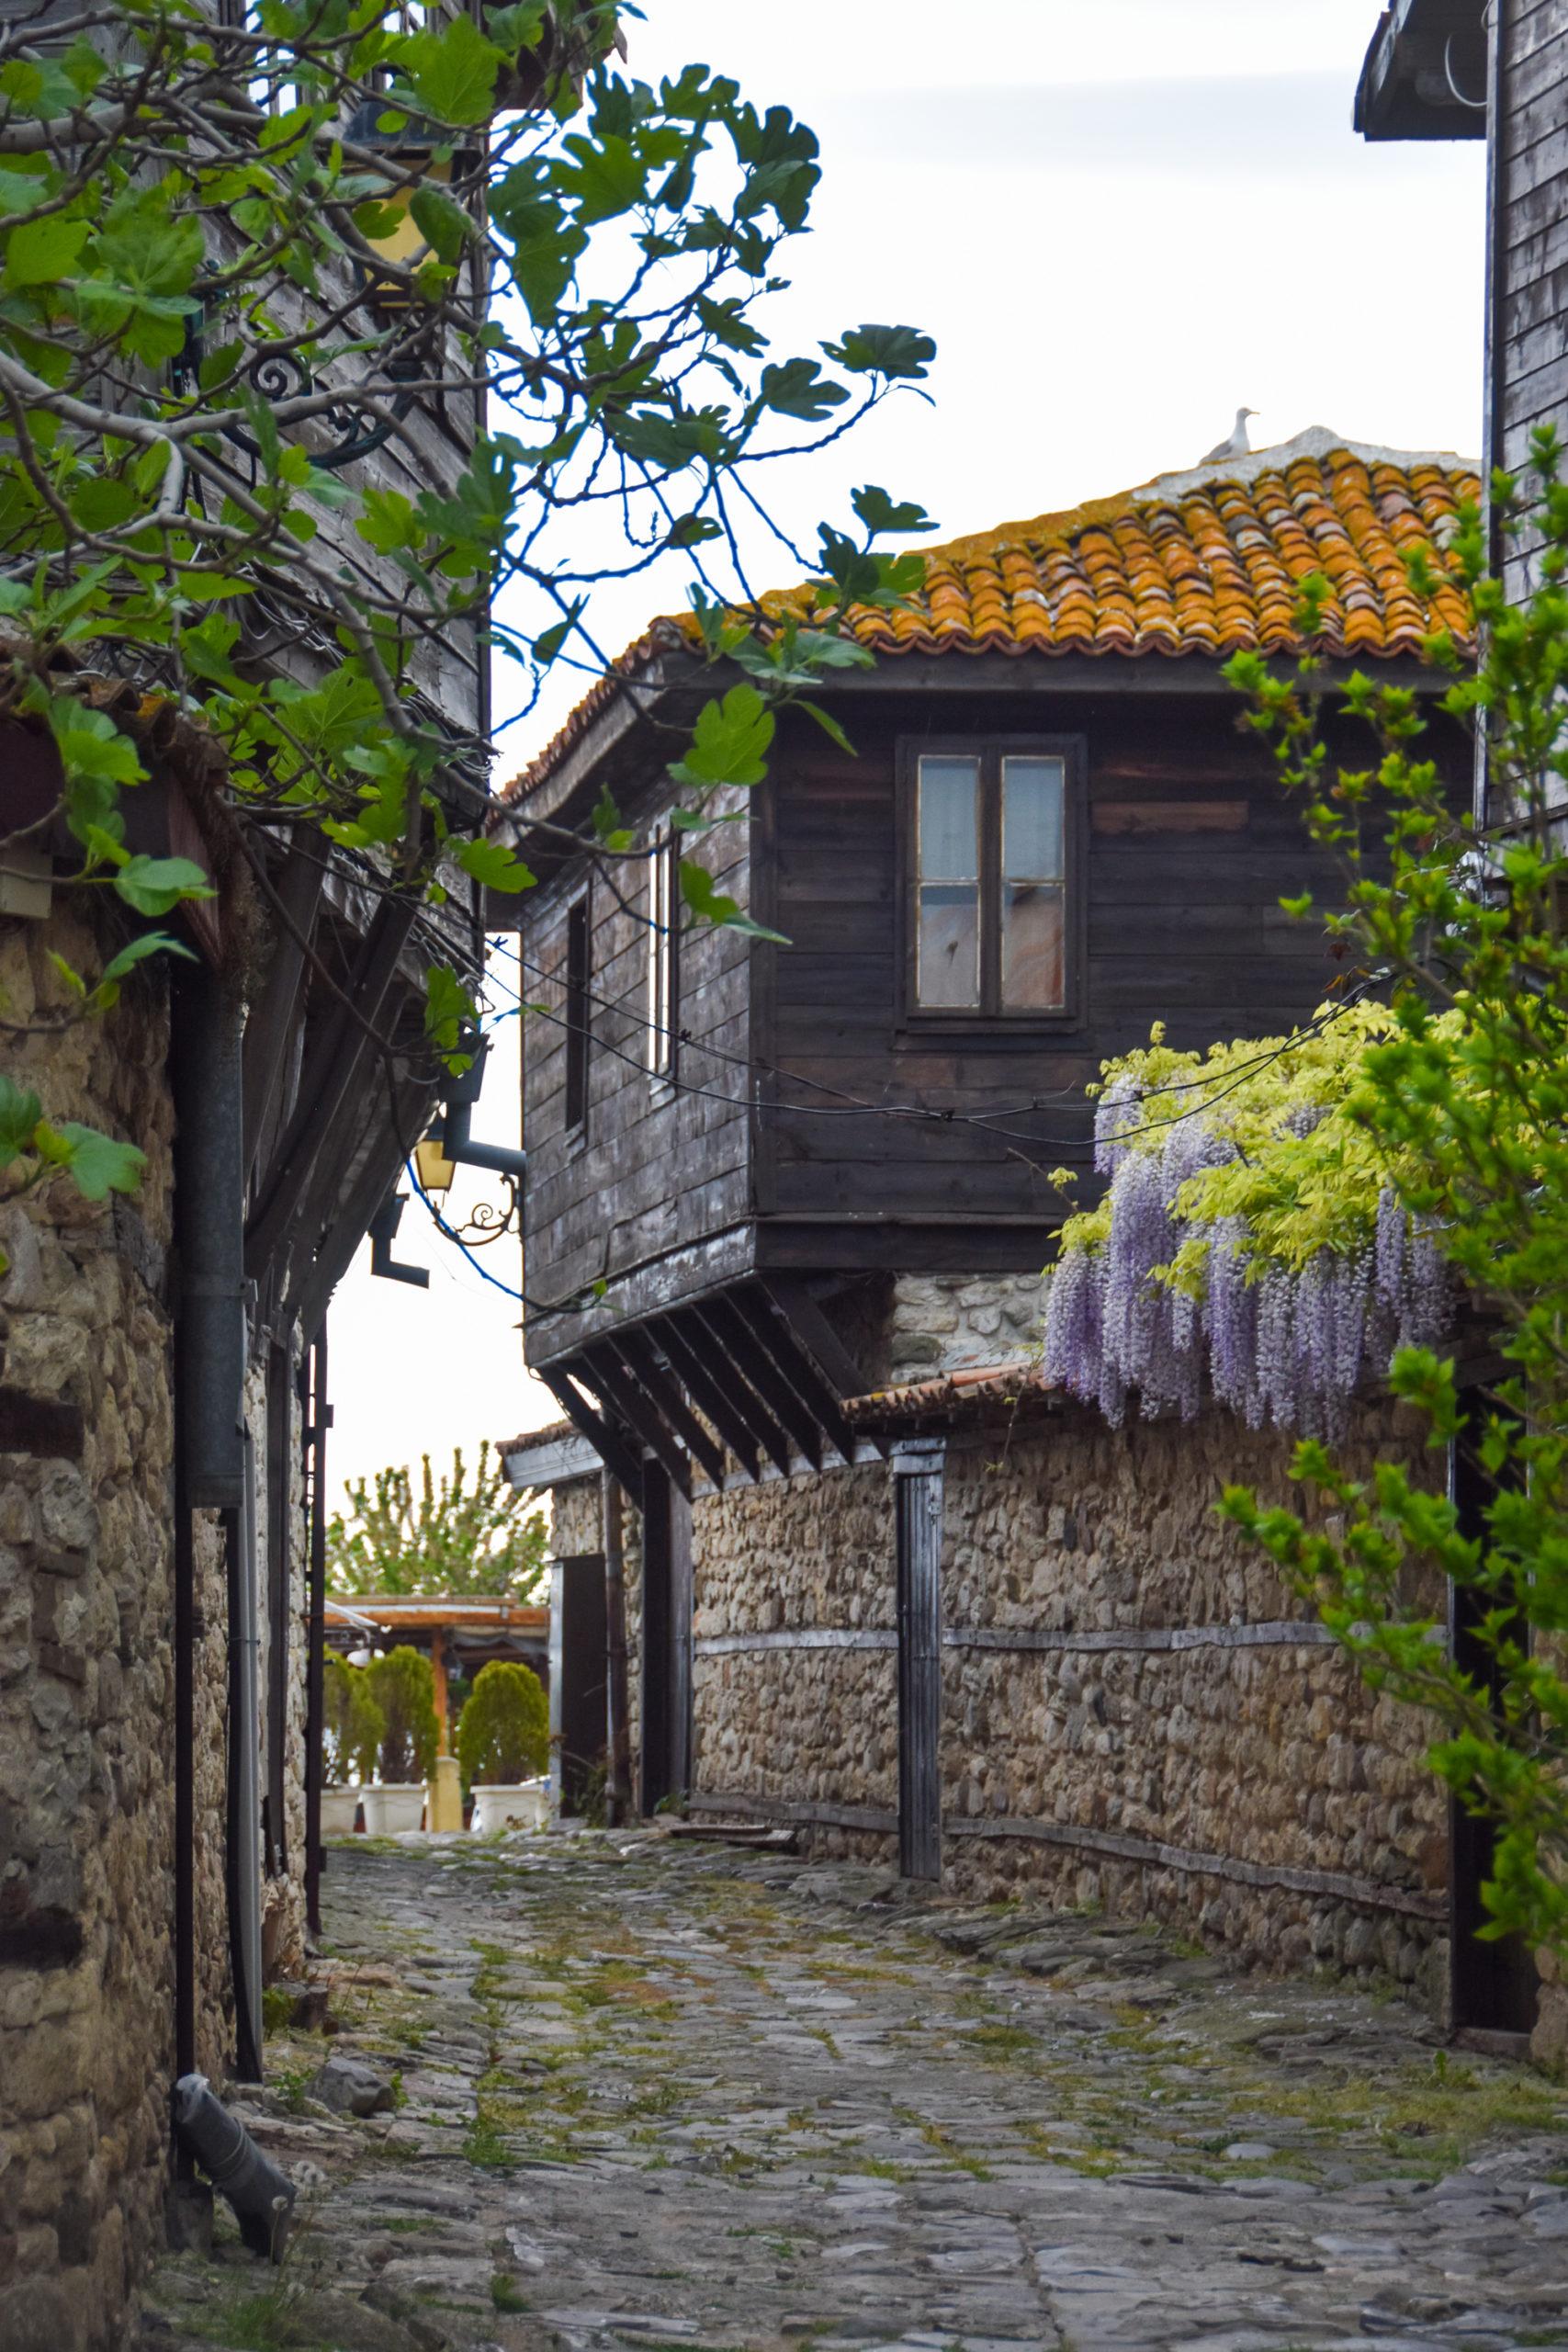 Städte, Steilküsten, Shopska: Bulgariens wunderschöne Ostküste am Schwarzen Meer 39